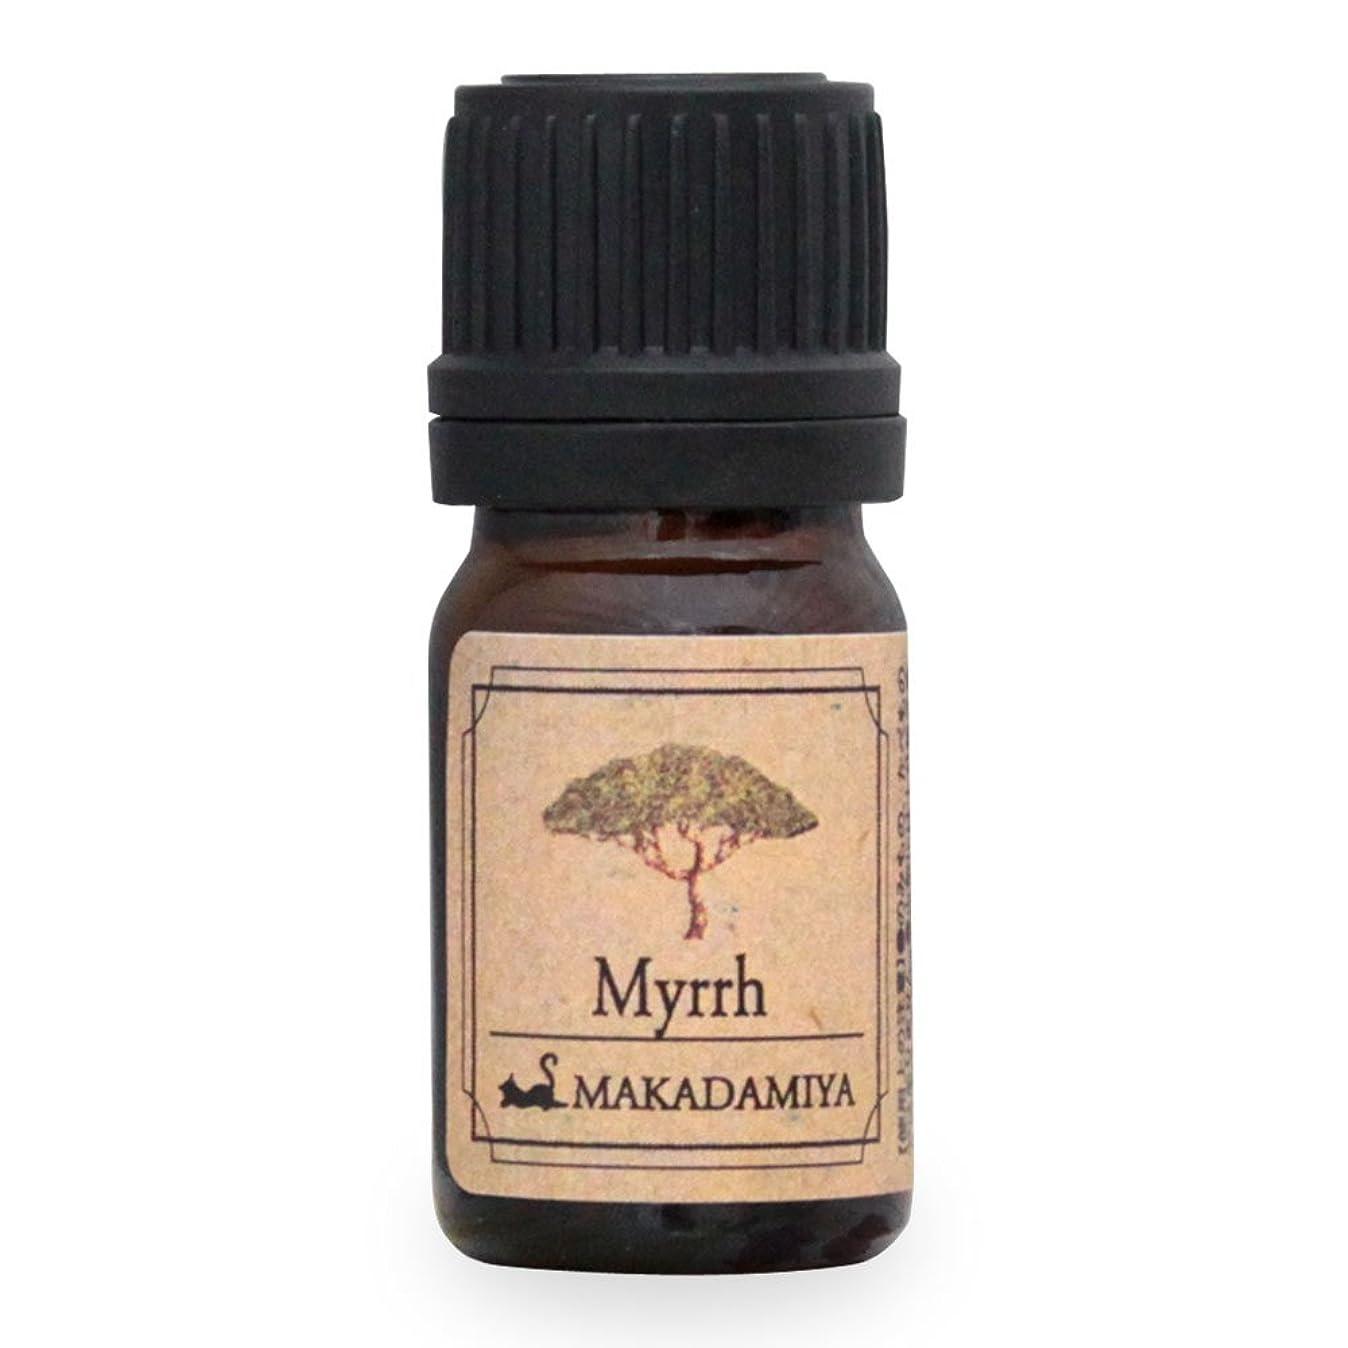 北へアテンダント汚染ミルラ5ml 天然100%植物性 エッセンシャルオイル(精油) アロマオイル アロママッサージ aroma Myrrh